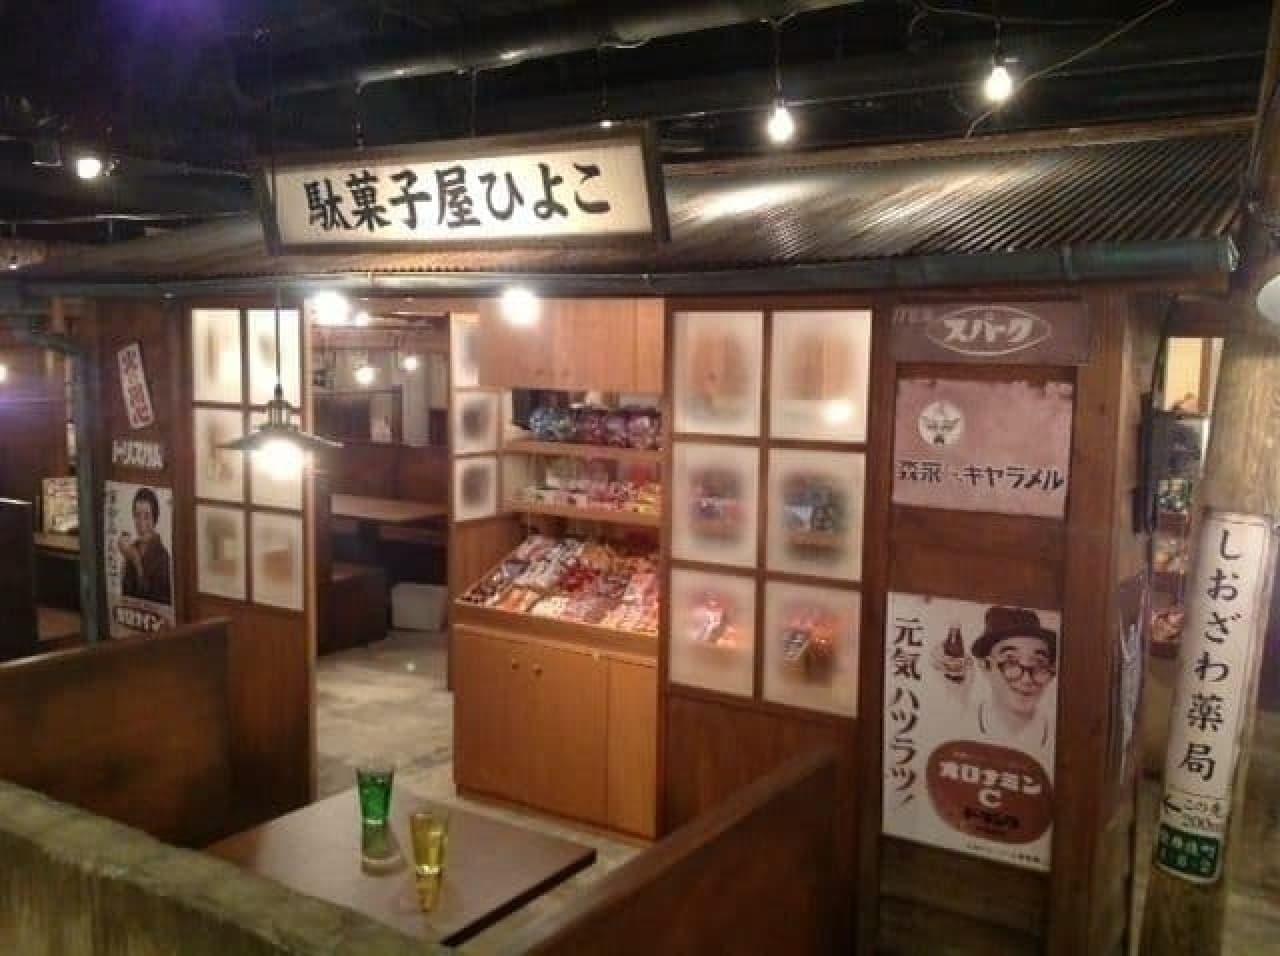 駄菓子食べ放題の『新宿駄菓子バー』